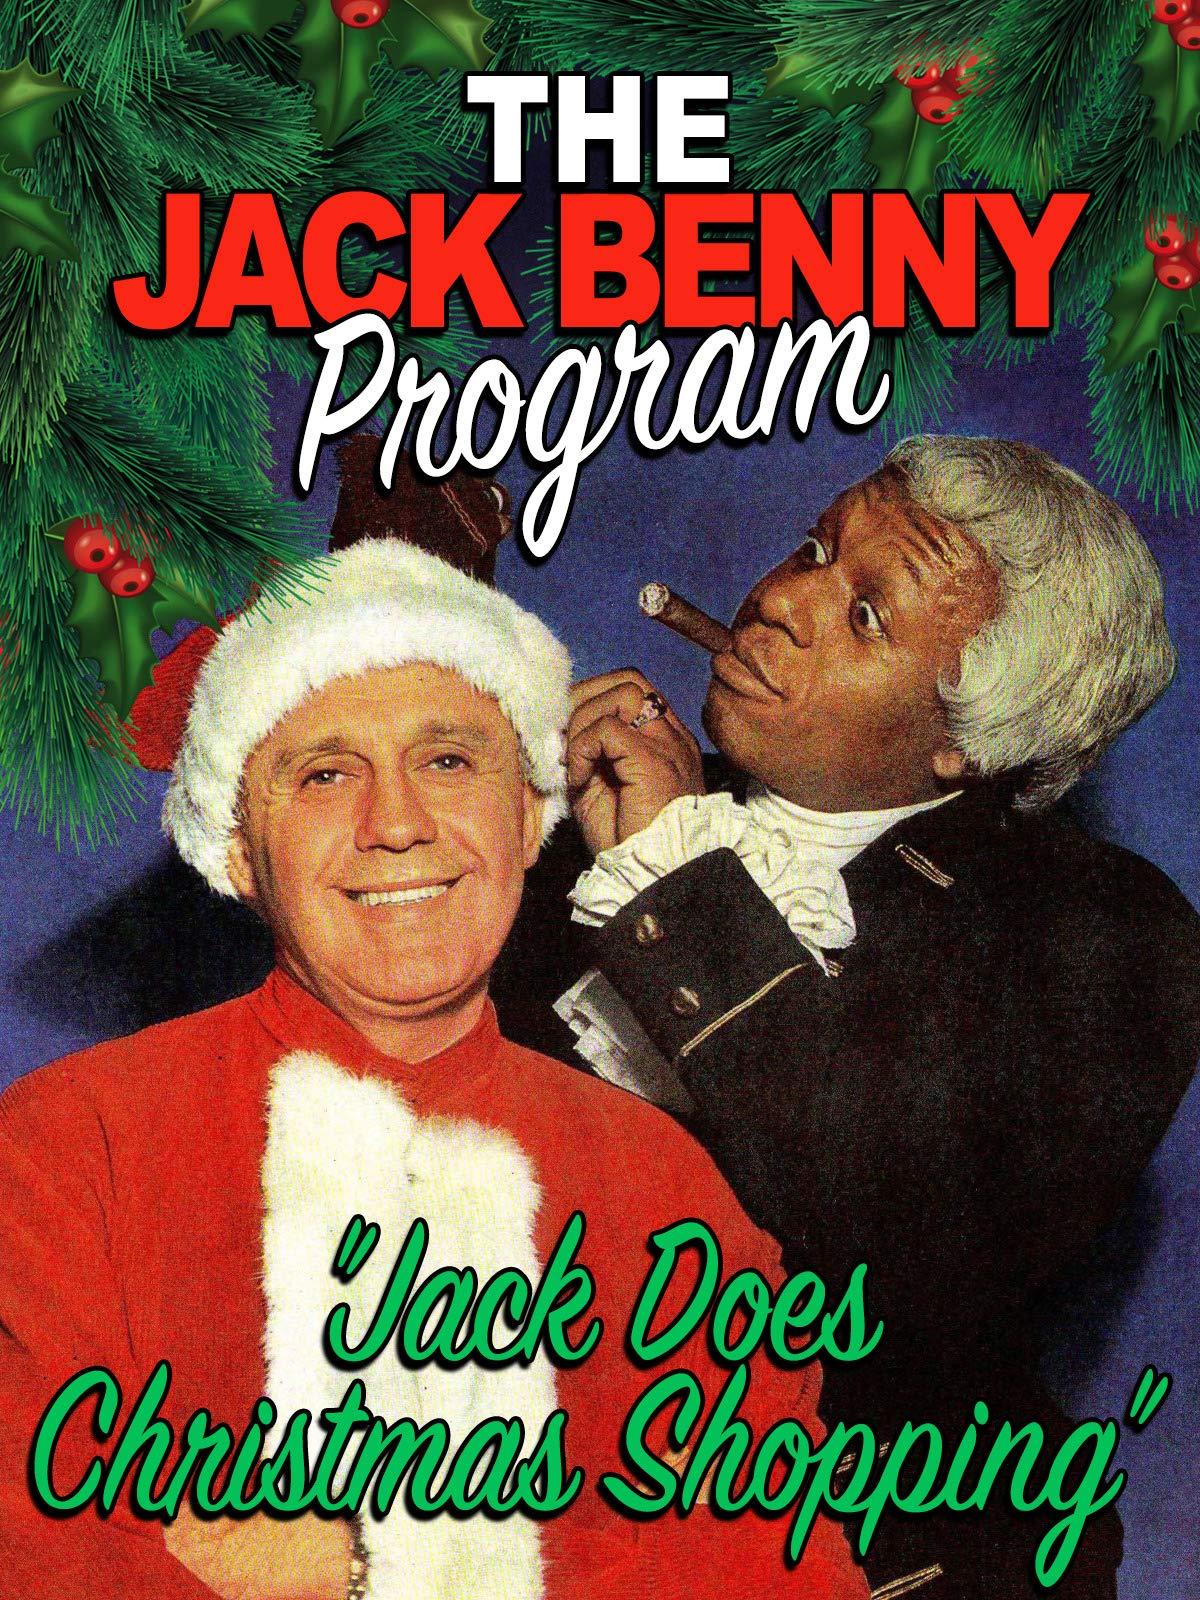 The Jack Benny Program - Jack Does Christmas Shopping